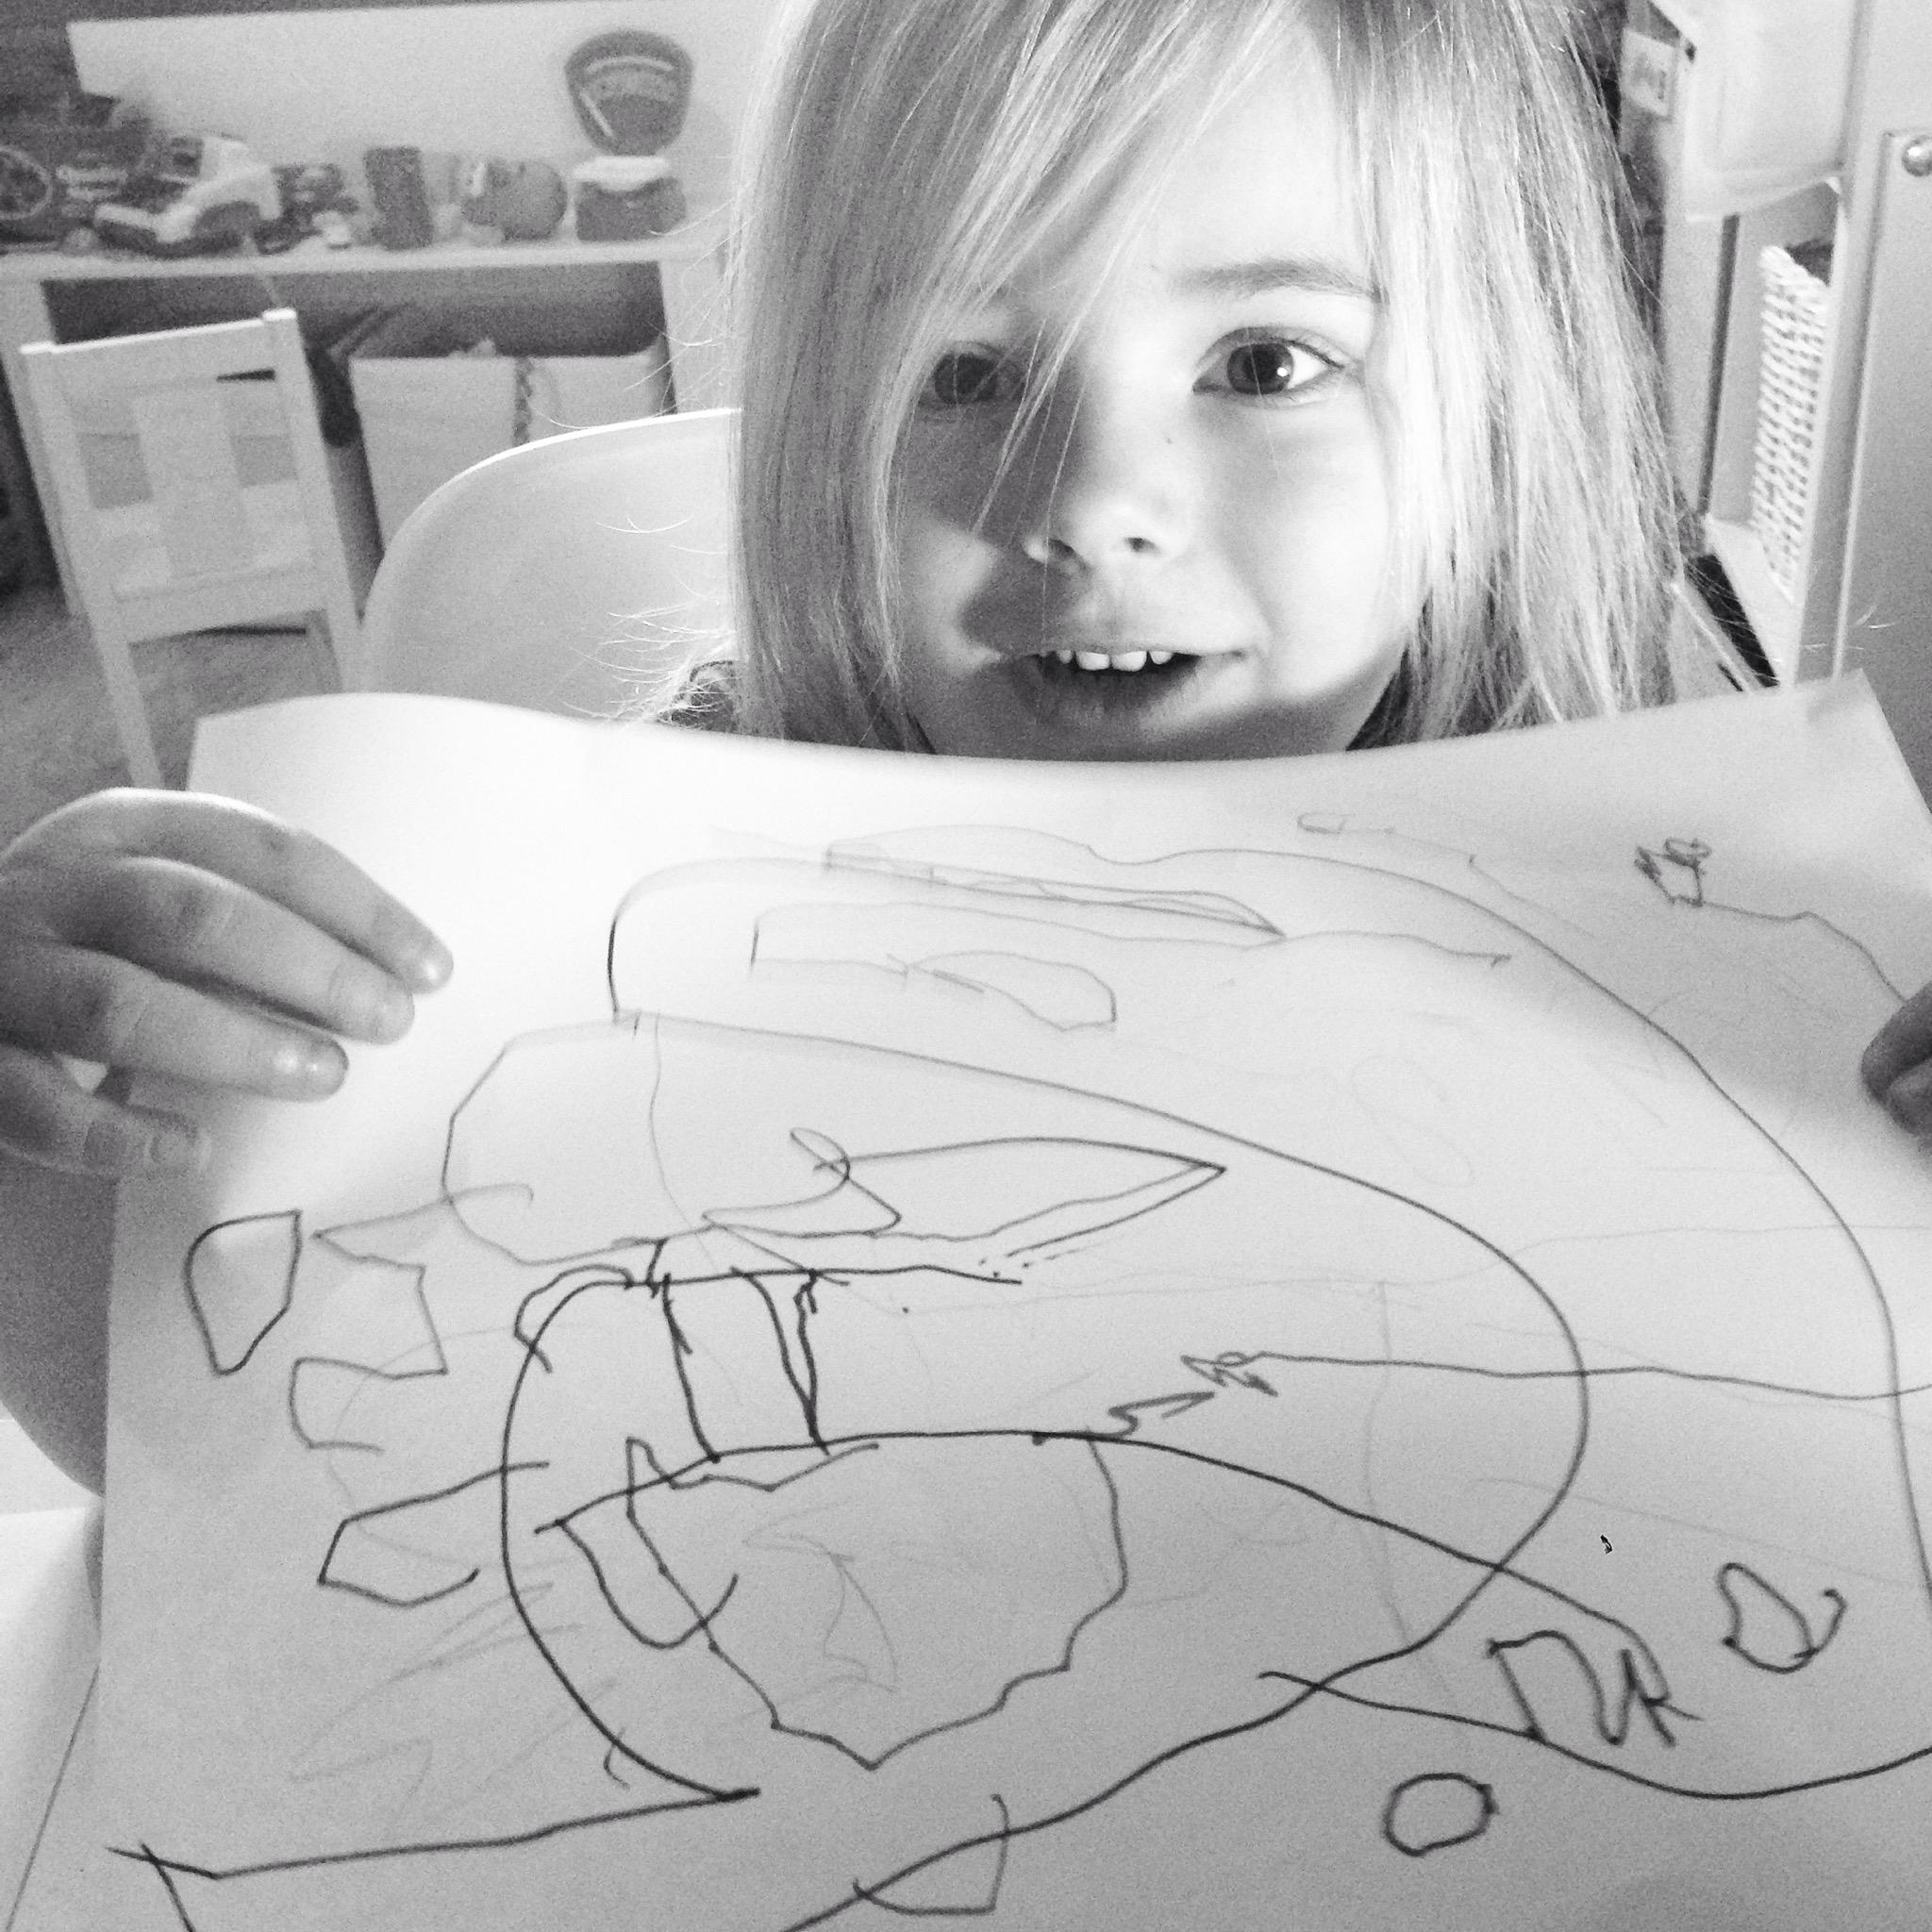 Eva schreef zelfs oma op haar tekening.